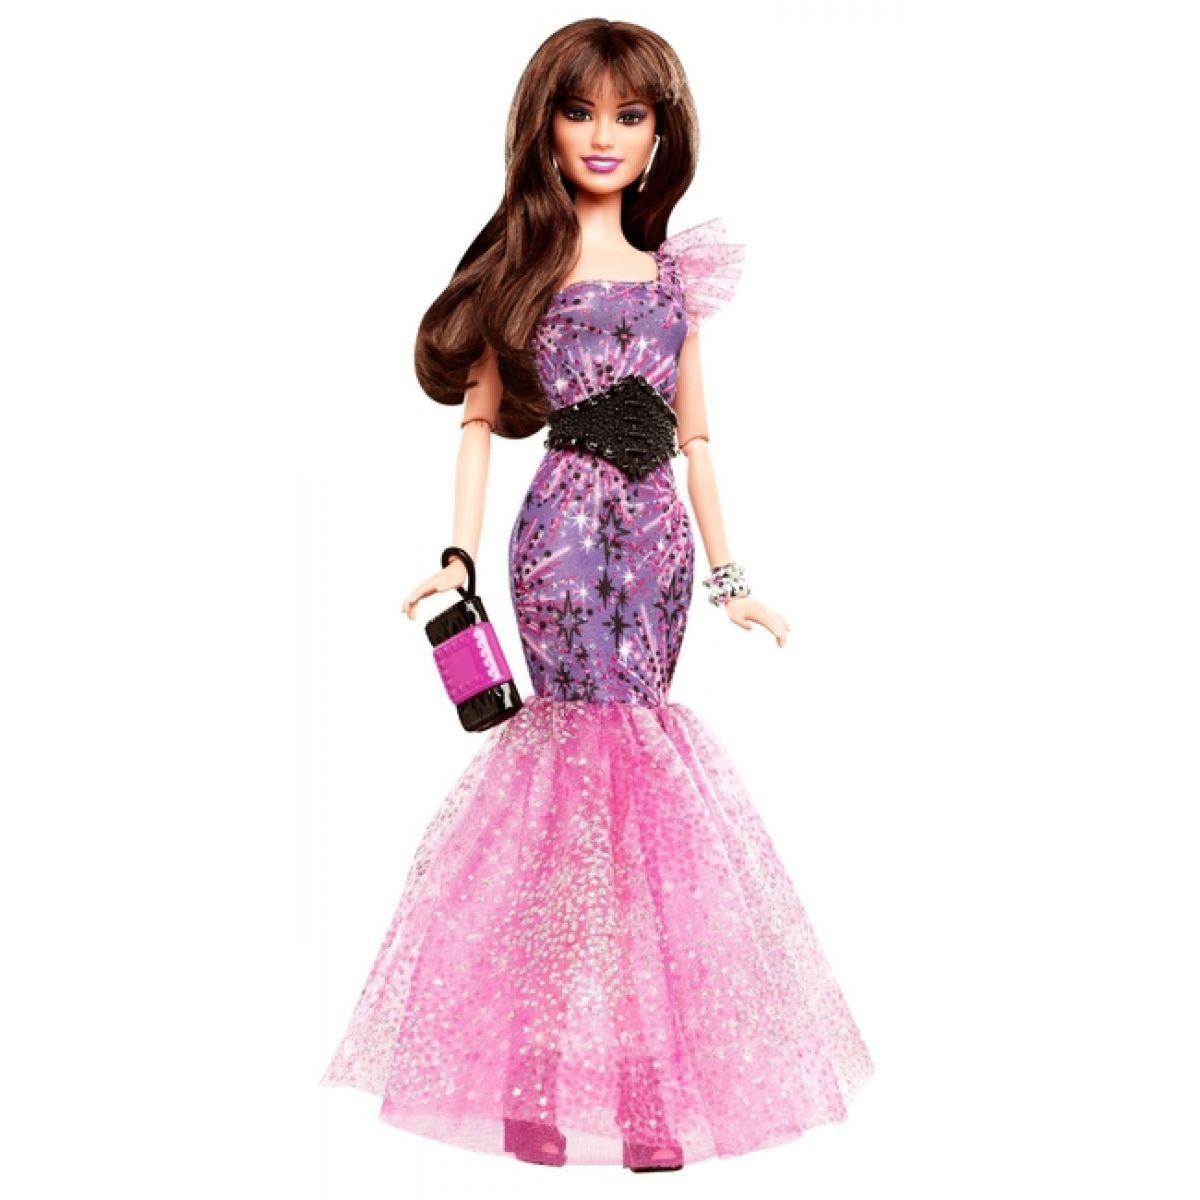 Barbie Fashionistas deluxe - Y7497